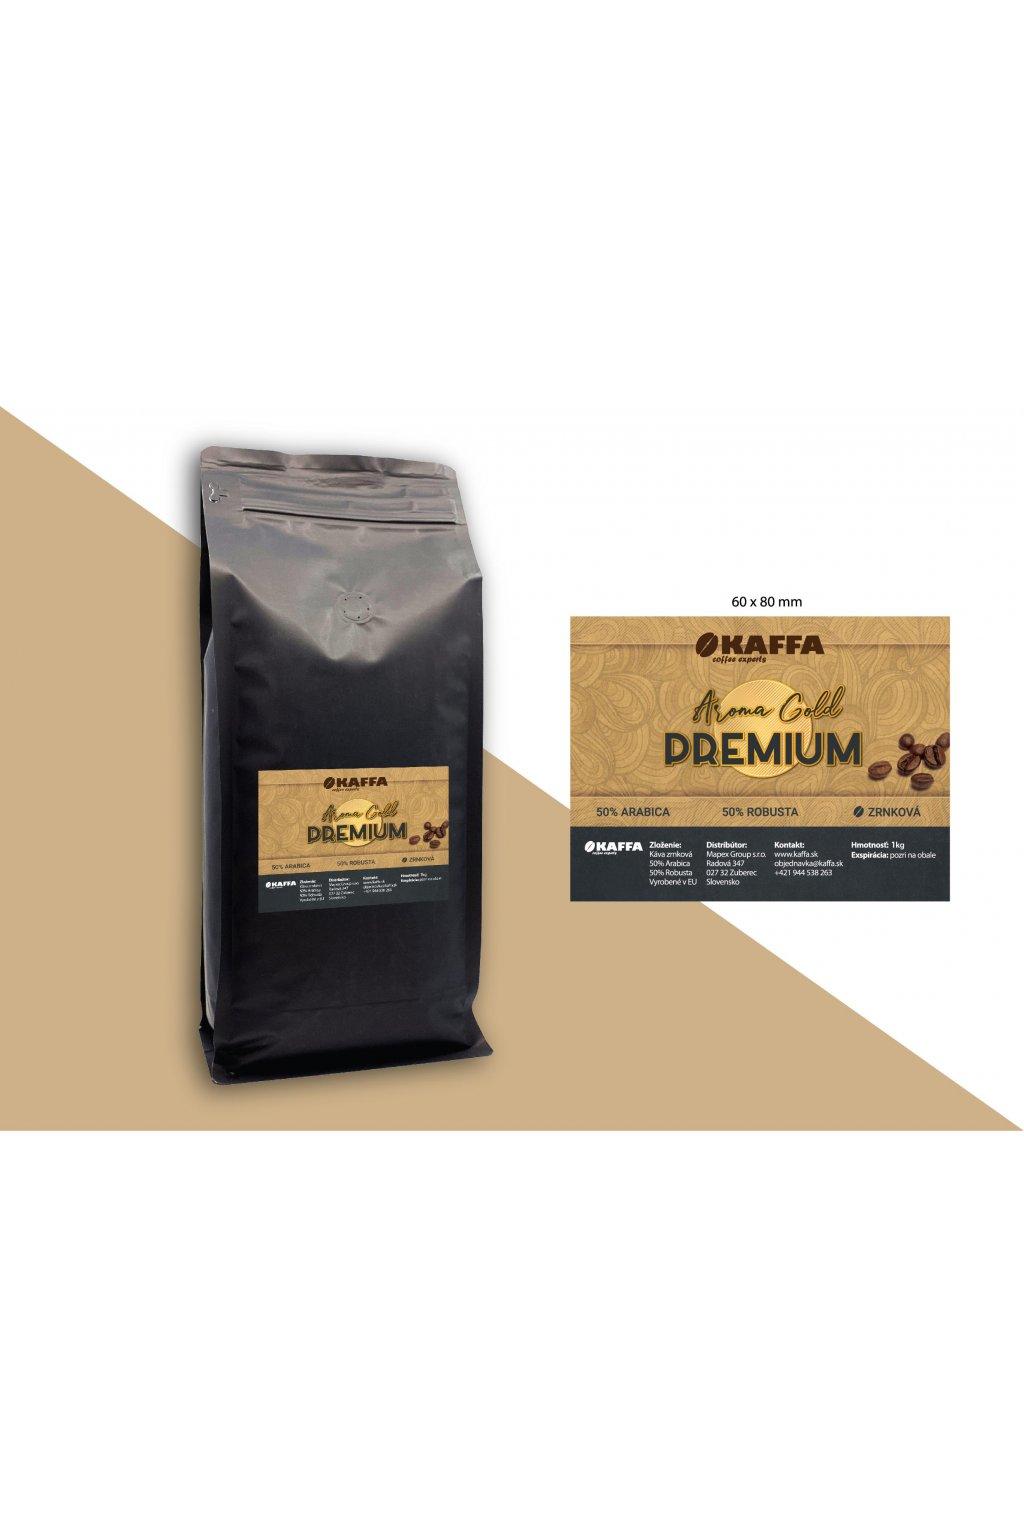 aroma gold premium 1kg